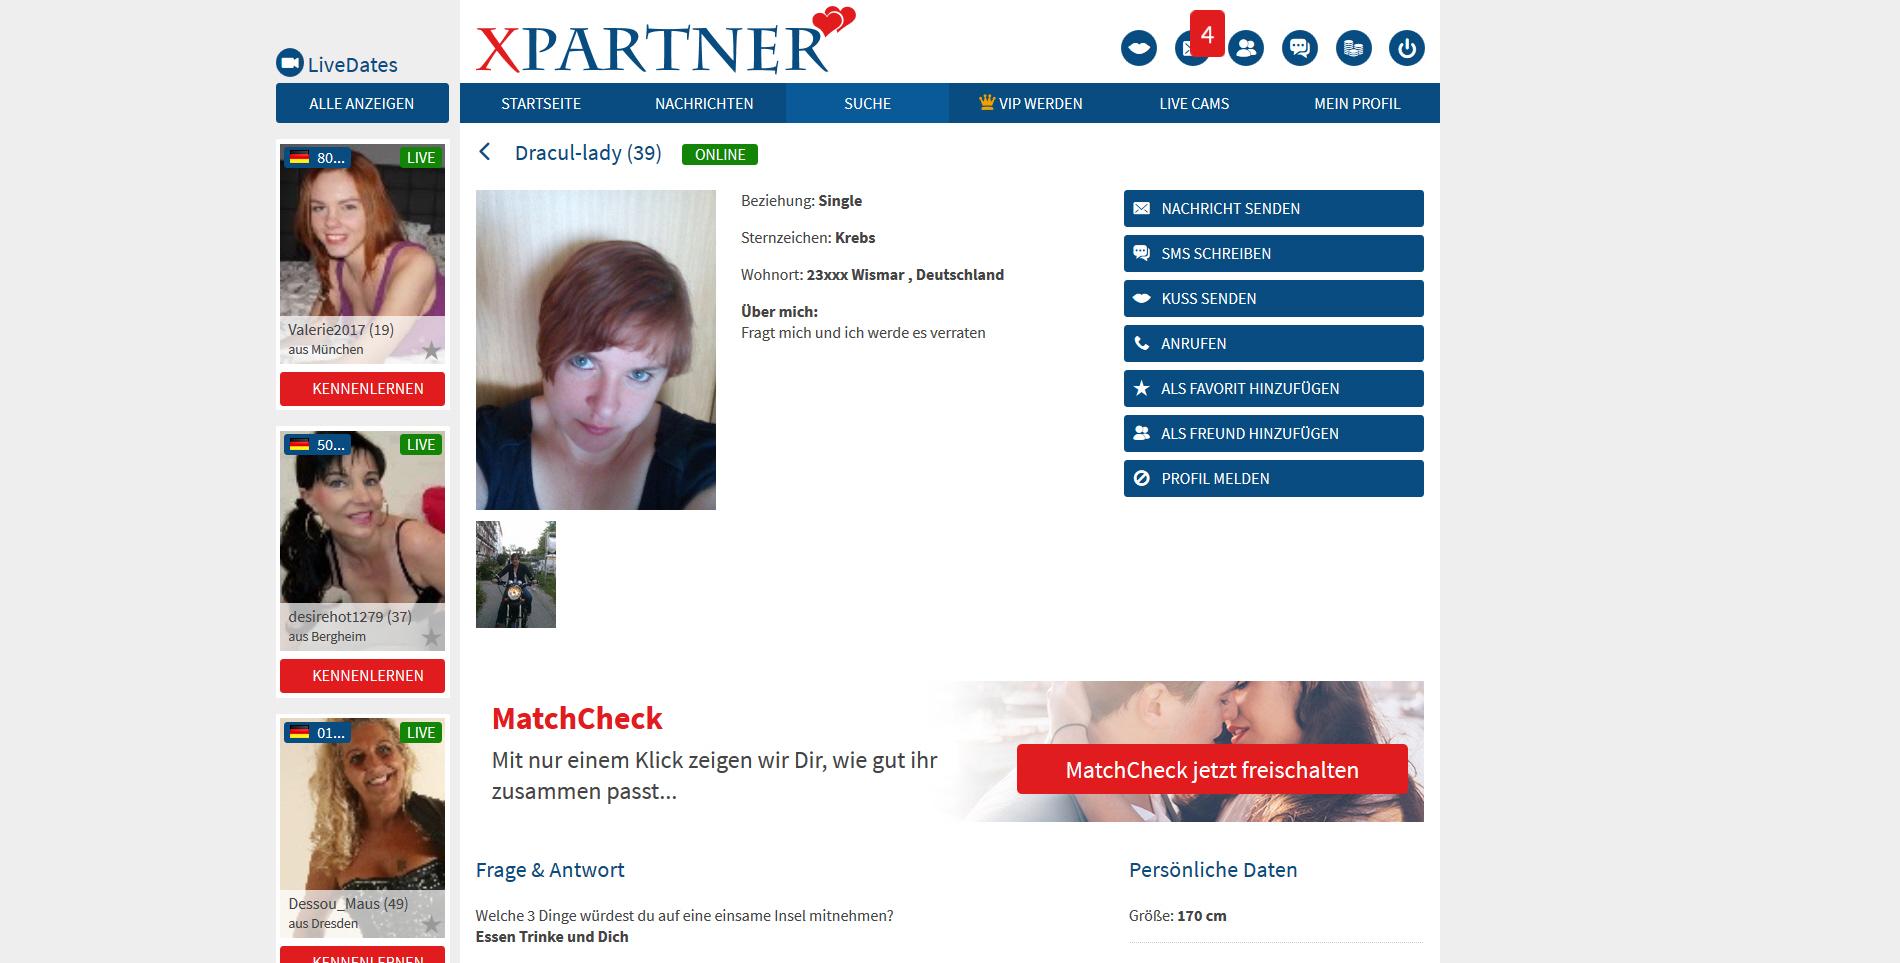 Xpartner Erfahrungen